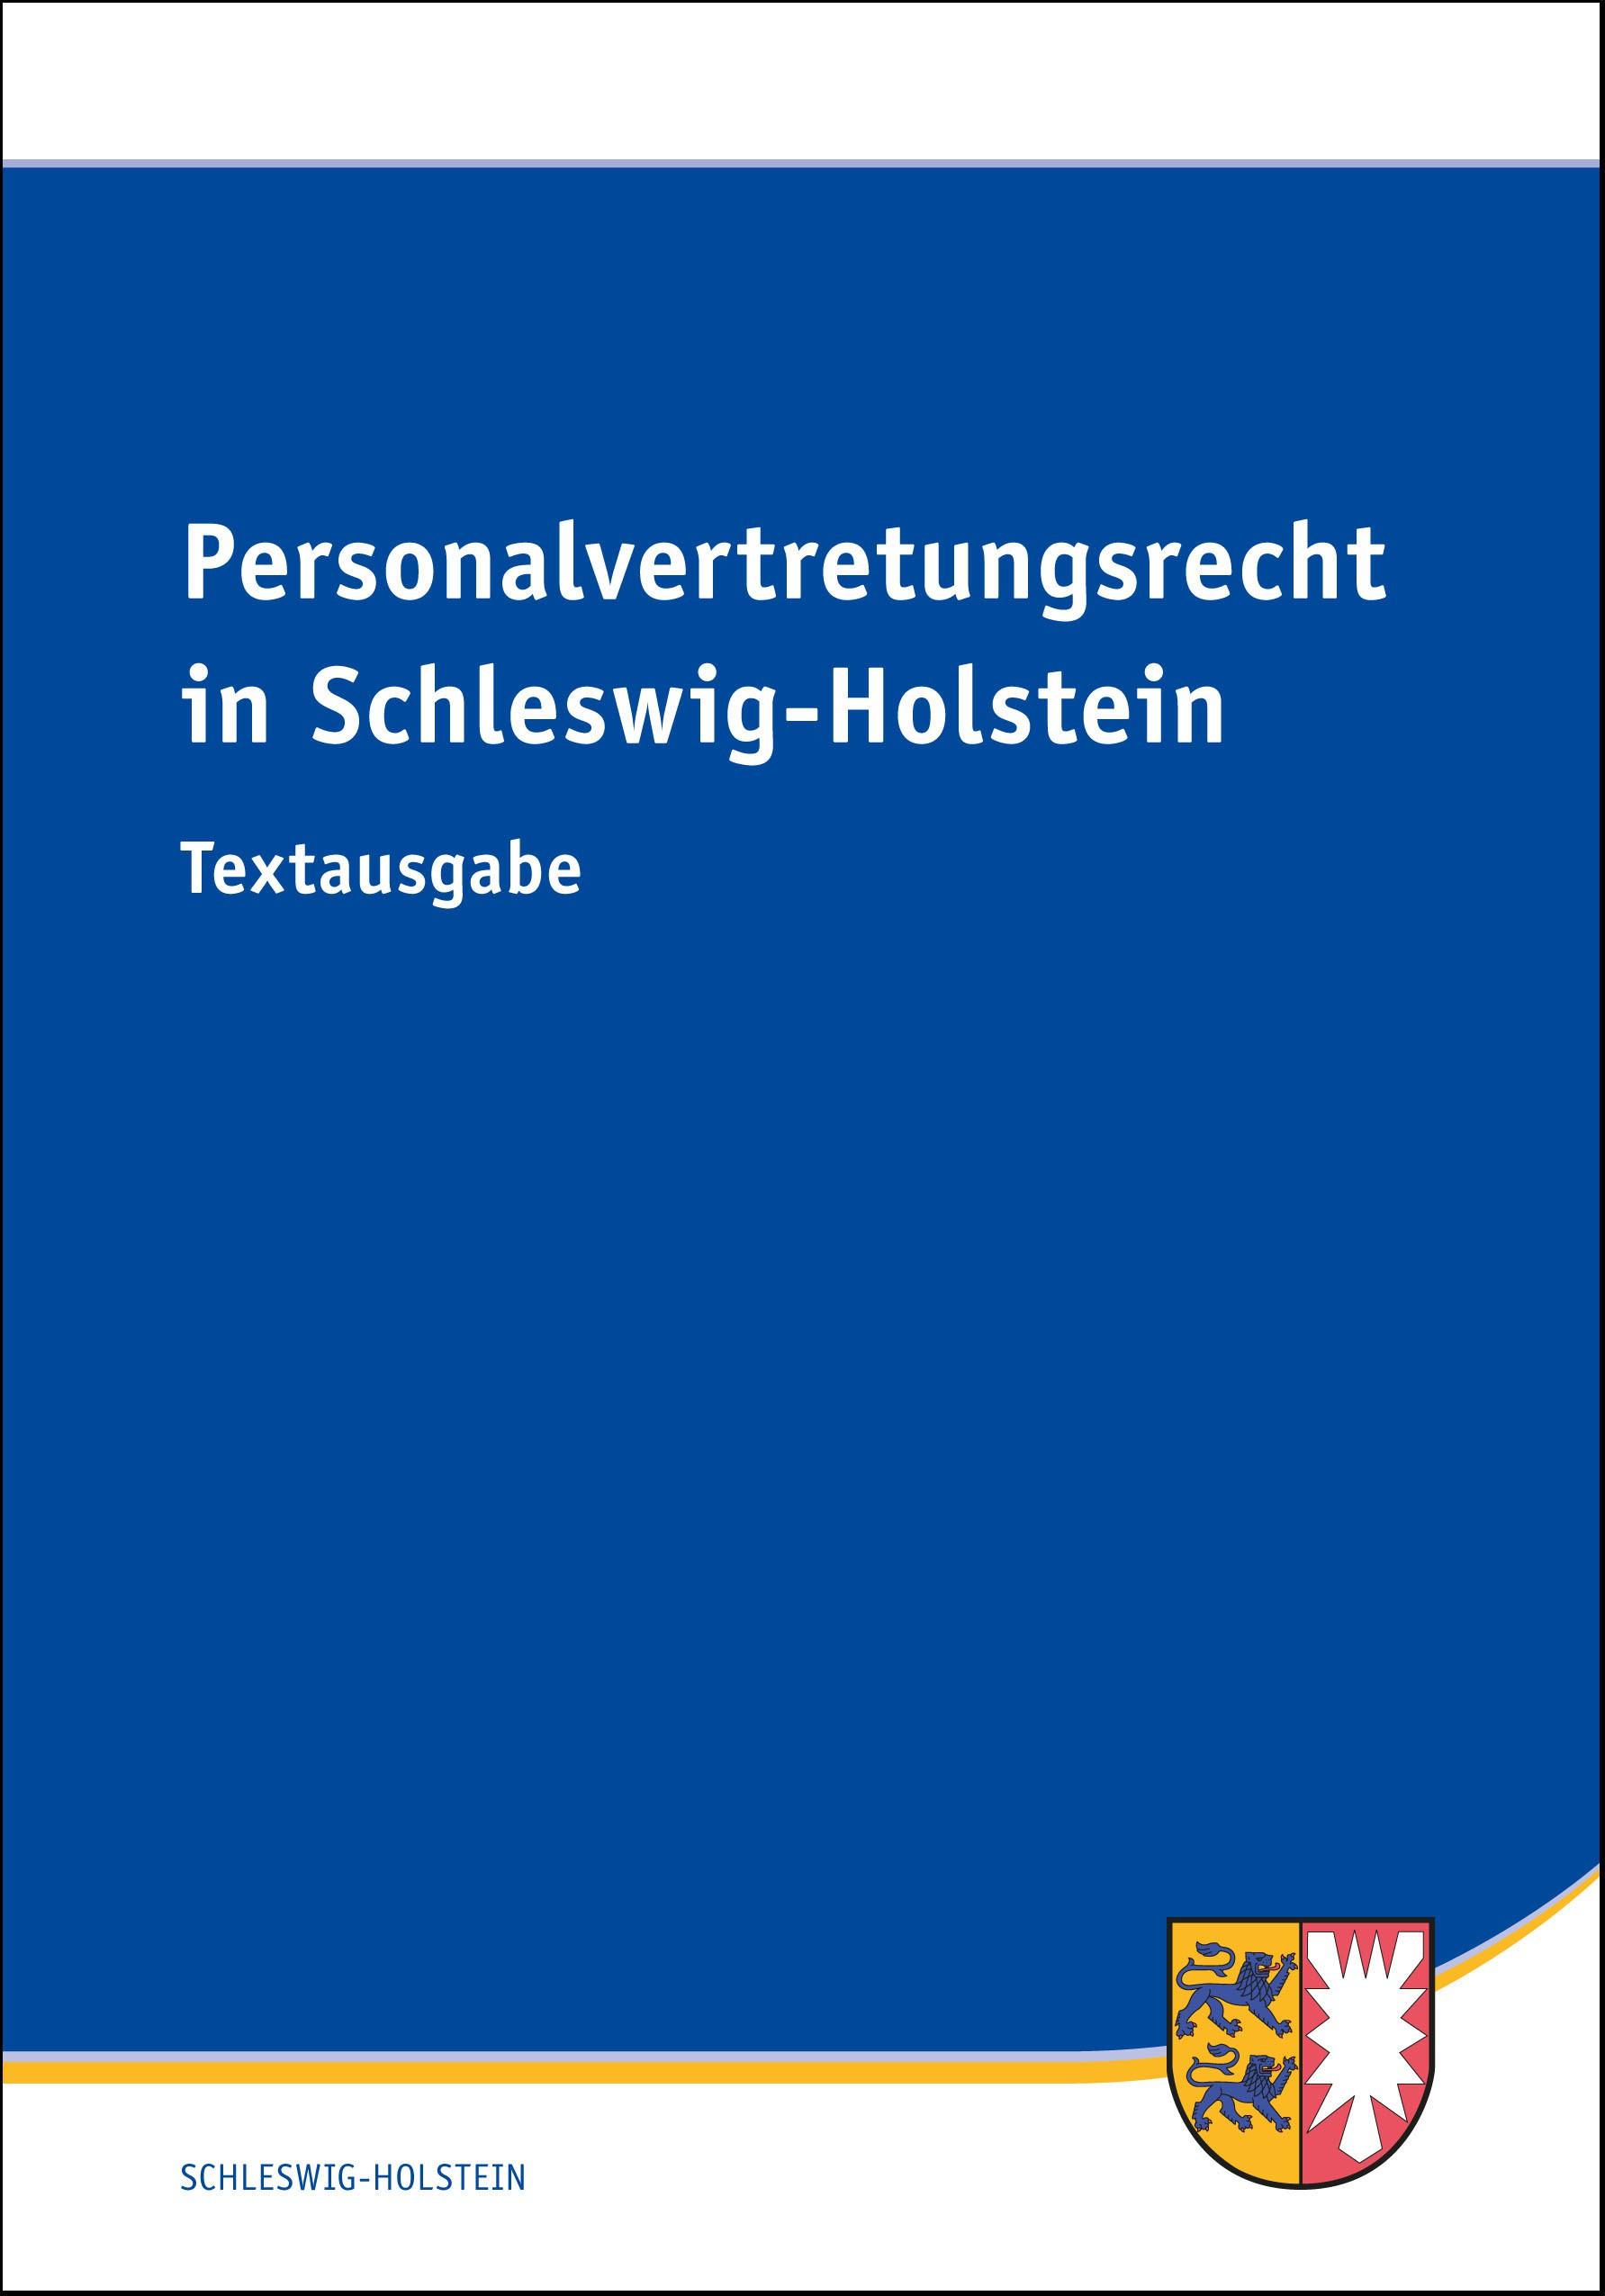 Personalvertretungsrecht in Schleswig-Holstein